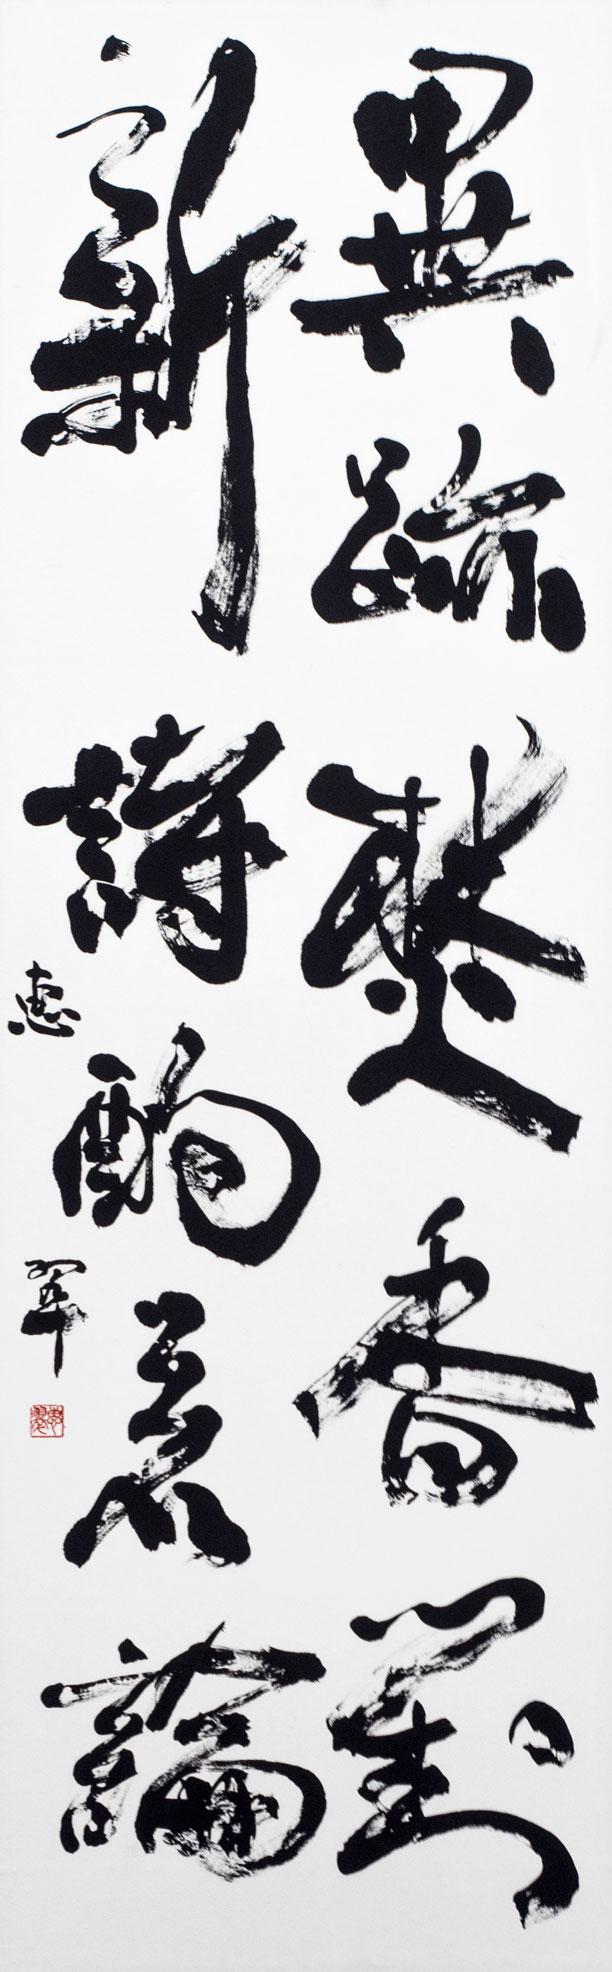 2017-jp-shodo-inspiration-461.jpg